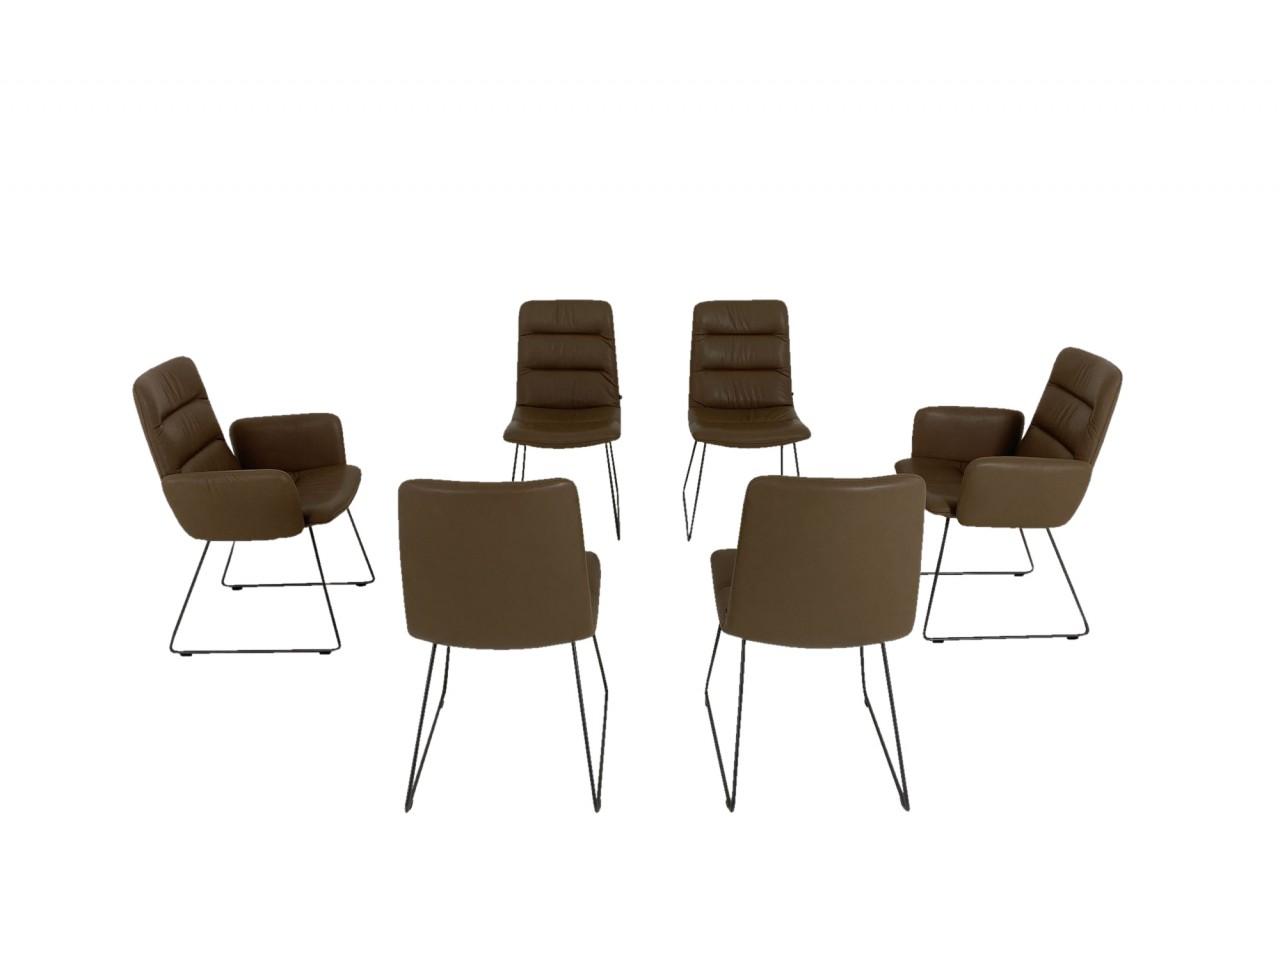 KFF ARVA LIGHT 6 Stühle in Nappa Leder Sauvage fango und Kufen-Gestell in moodgrey